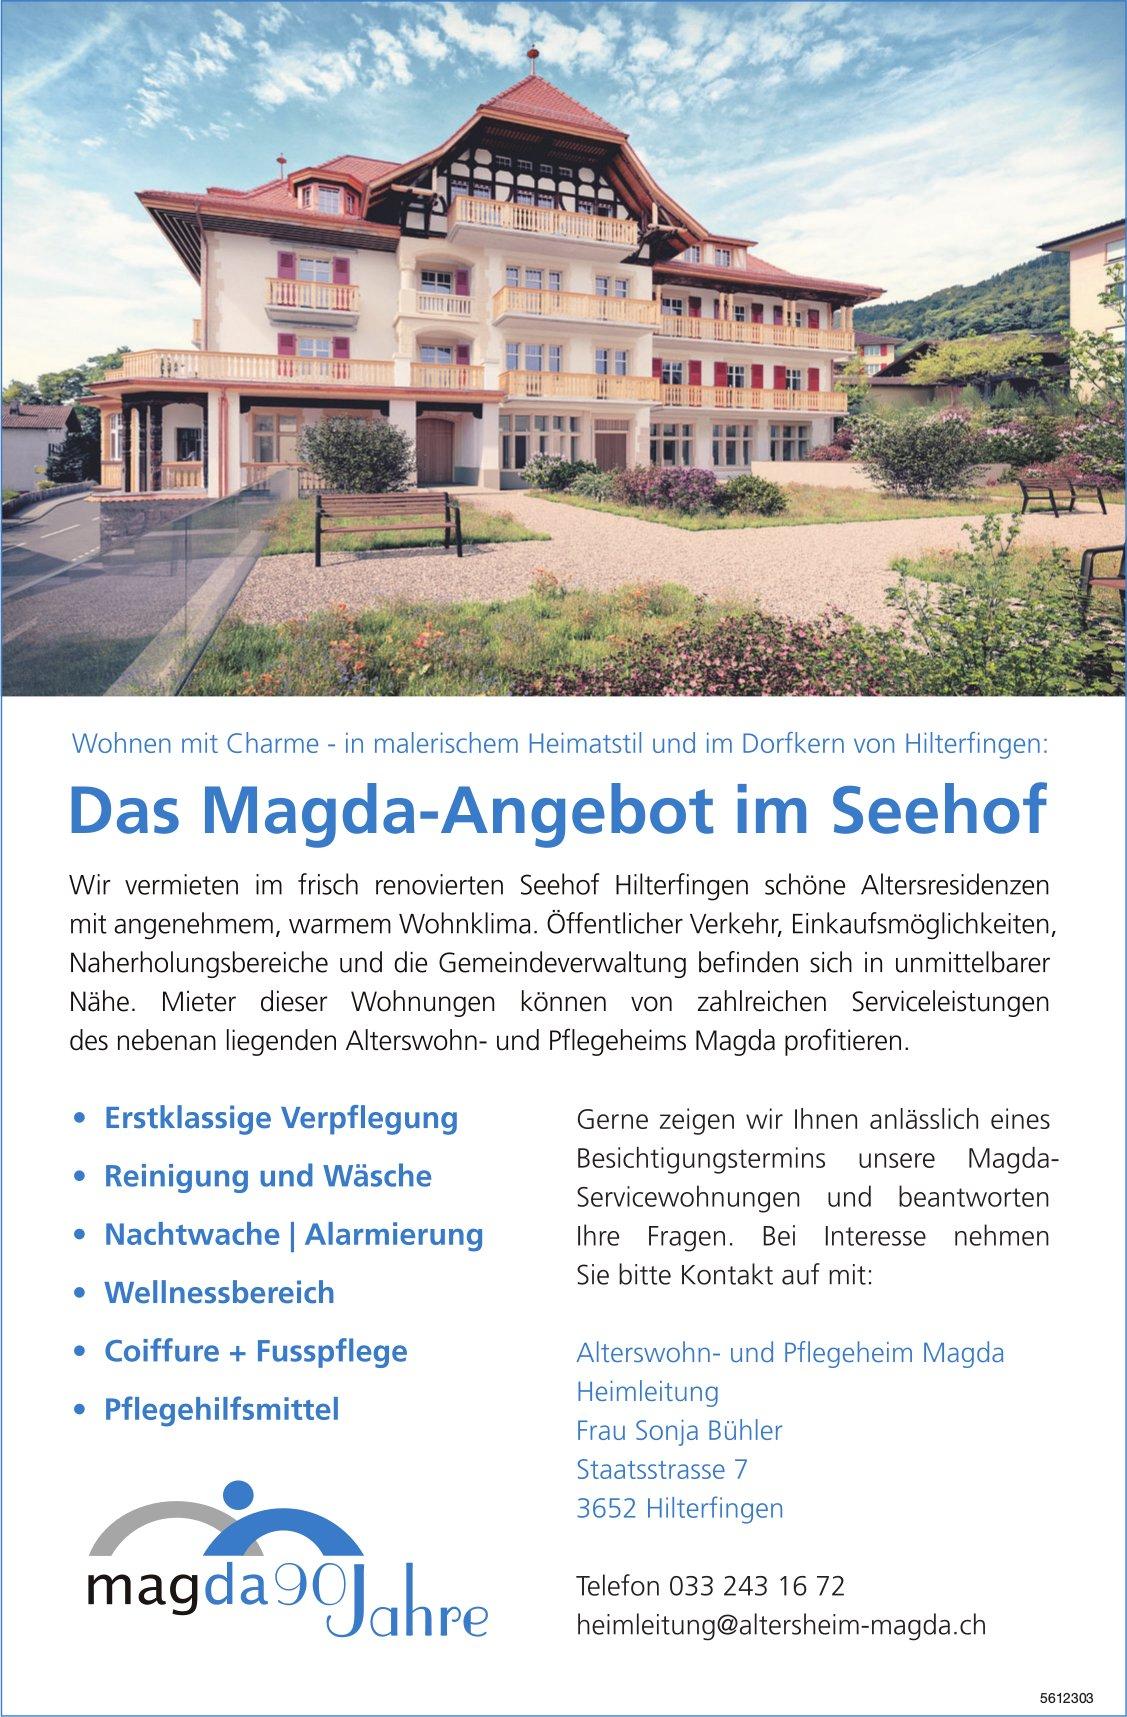 Alterswohn- und Pflegeheim Magda, Hilterfingen - Das Magda-Angebot im Seehof